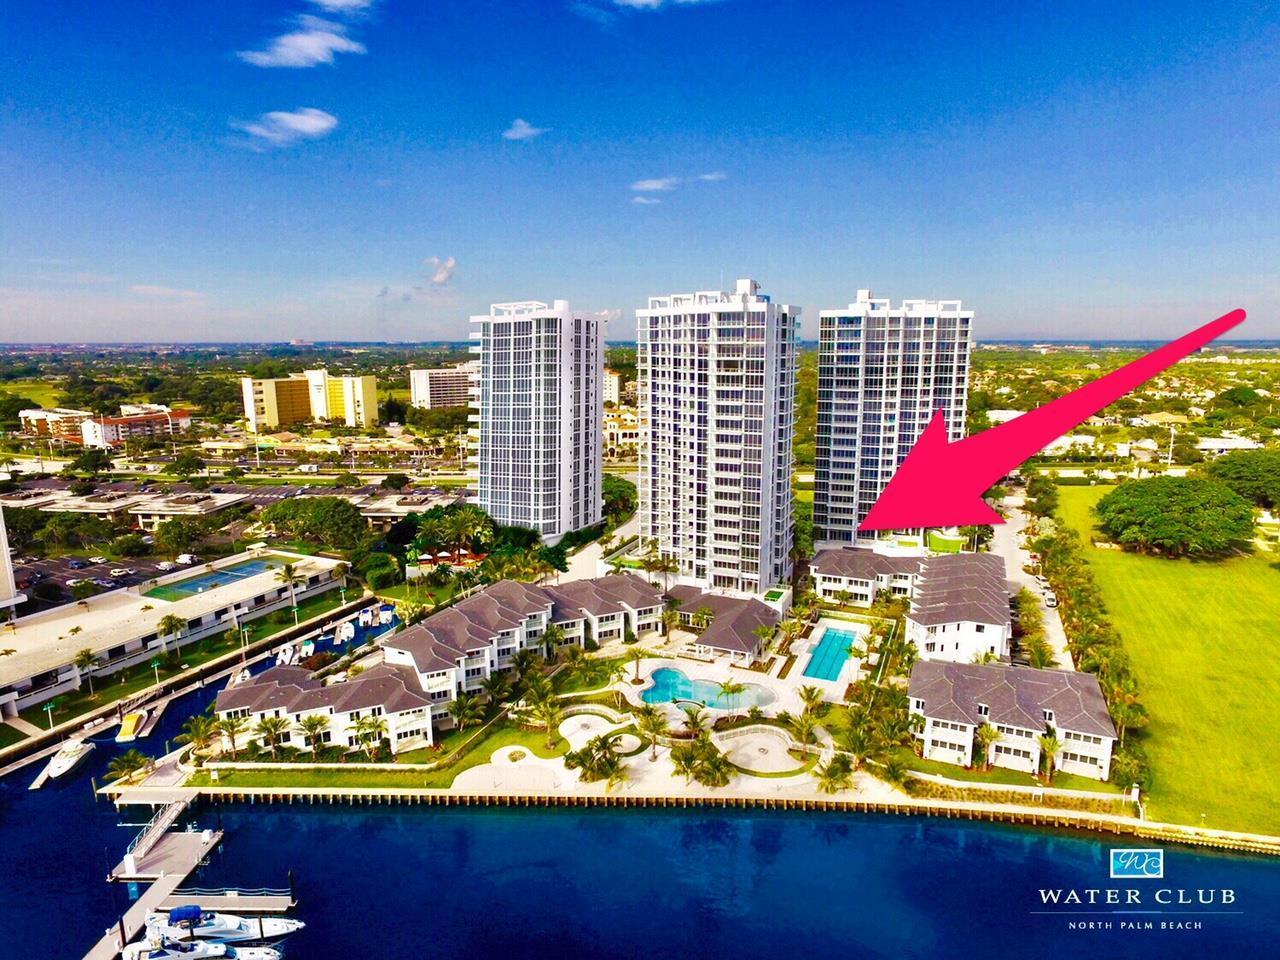 1 Water Club Way North Palm Beach FL 33408